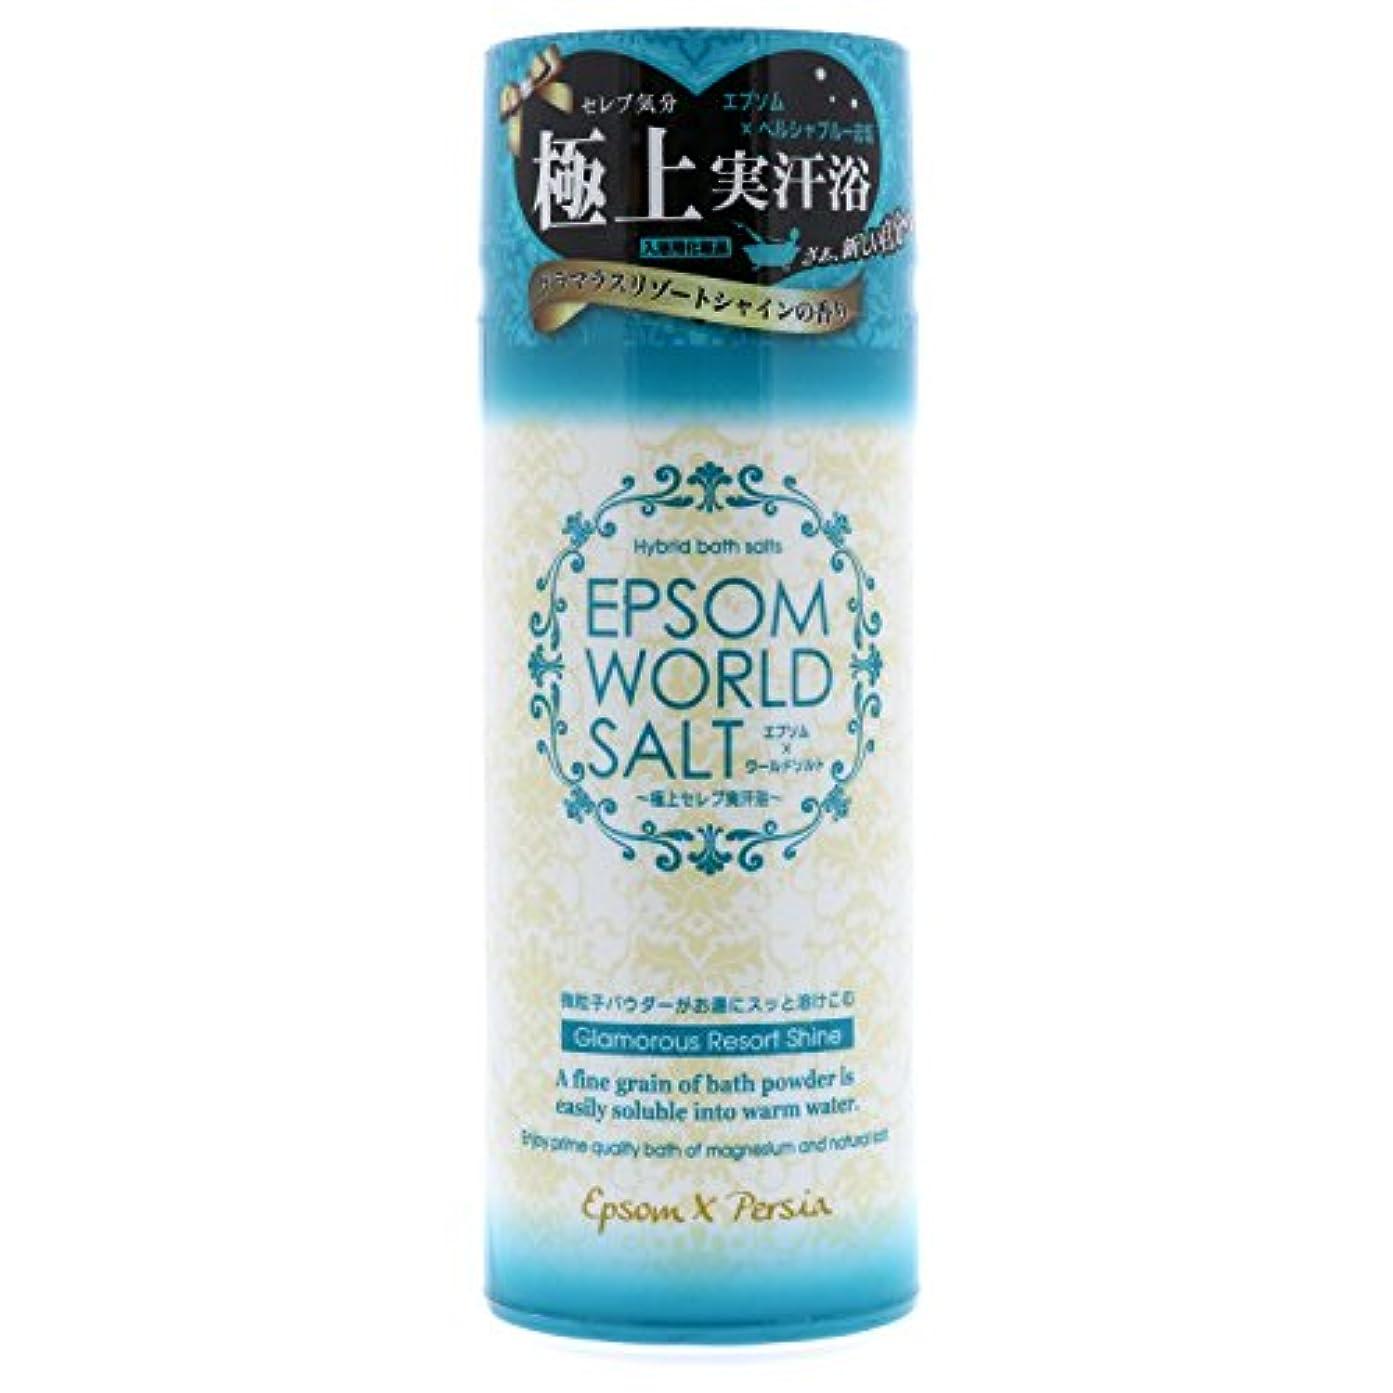 チーフごちそう参照エプソムワールドソルト グラマラスリゾートシャインの香り ボトル 500g